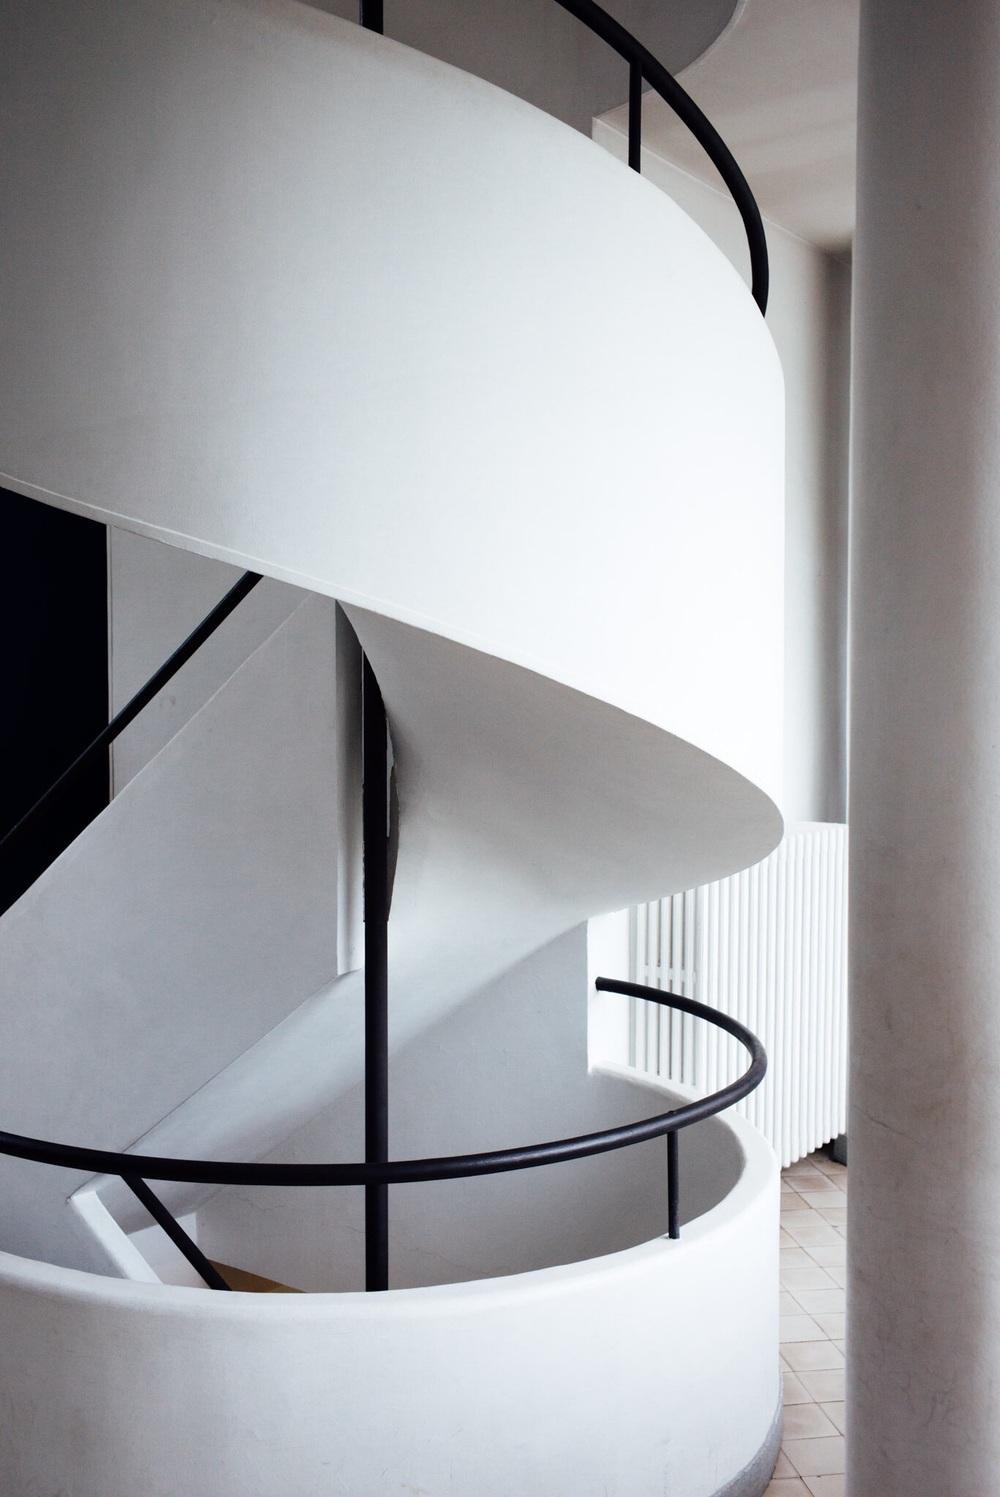 L'escalier de la Villa Savoye à Poissy